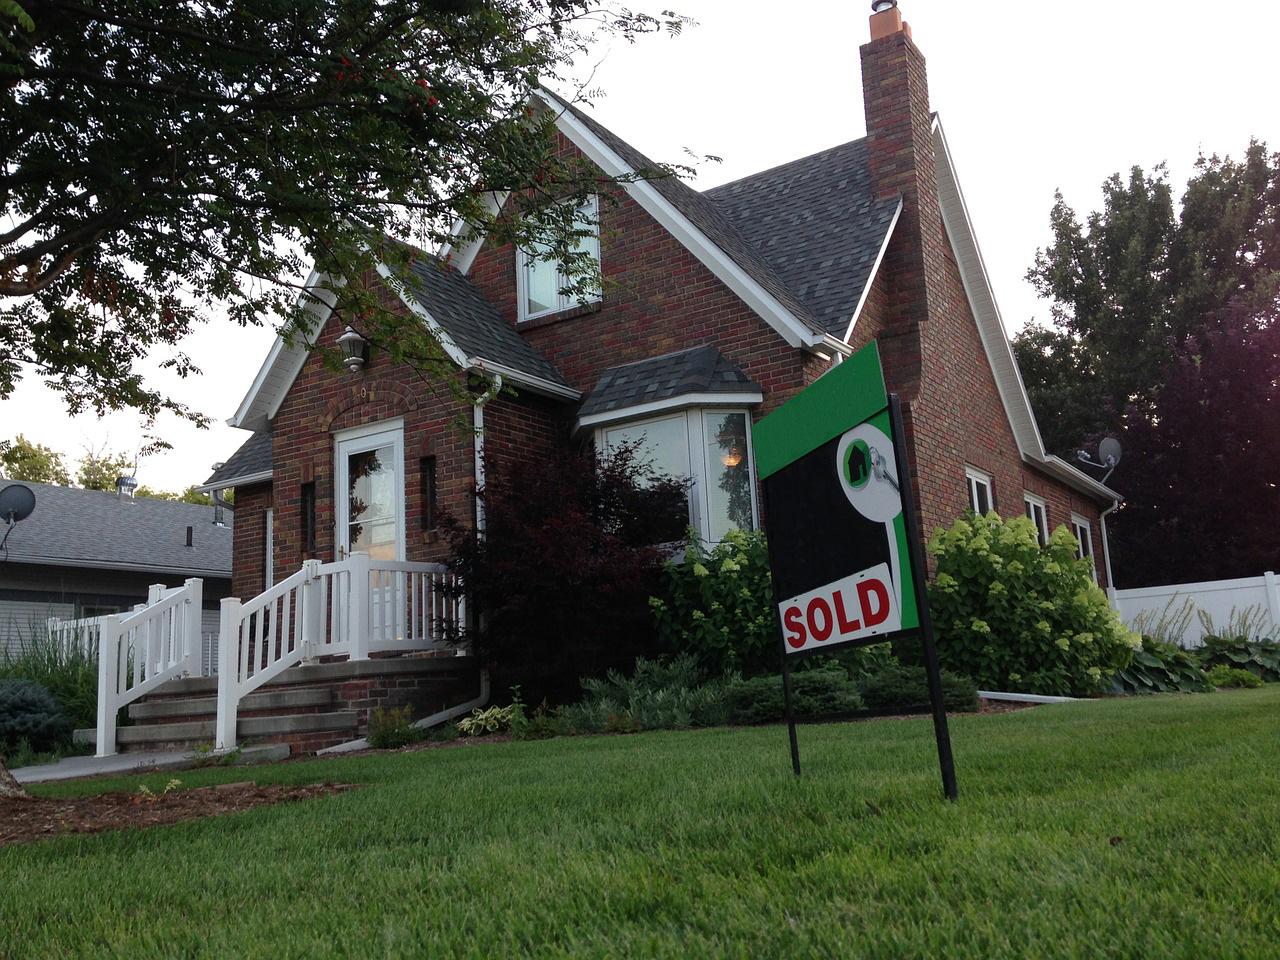 house-435618_1280-1.jpg